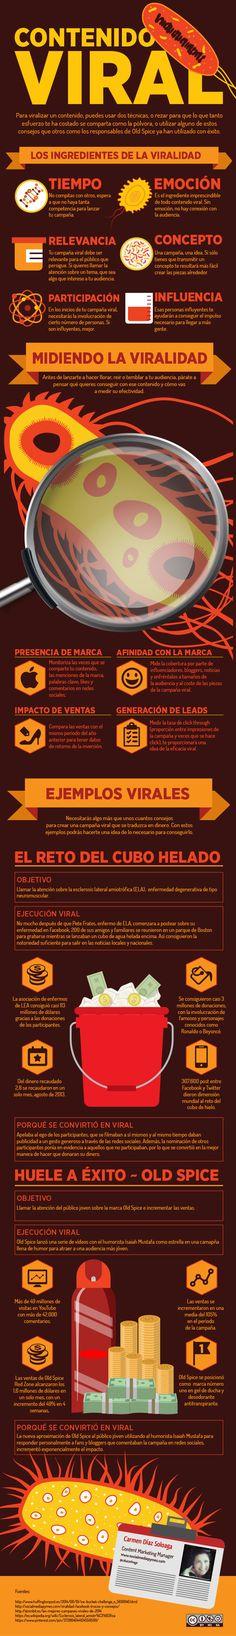 Contenido viral: la fórmula secreta #infografia